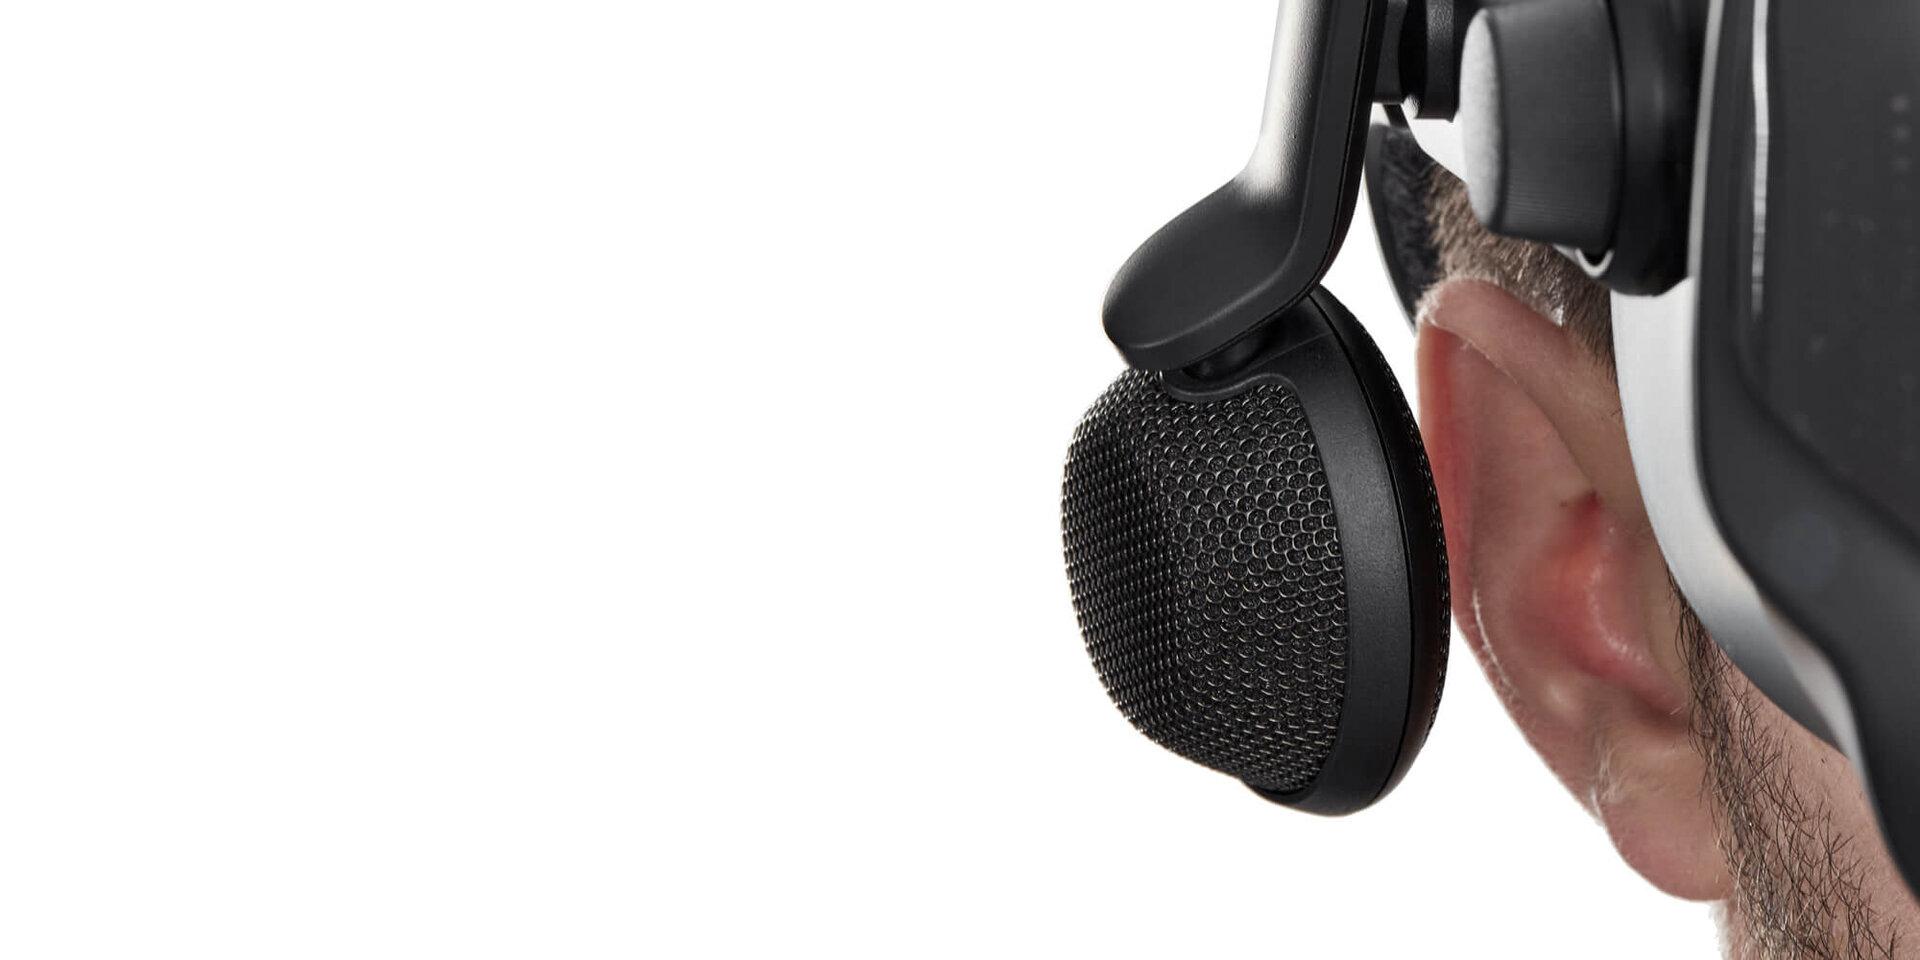 Die Kopfhörer schweben neben dem Ohr